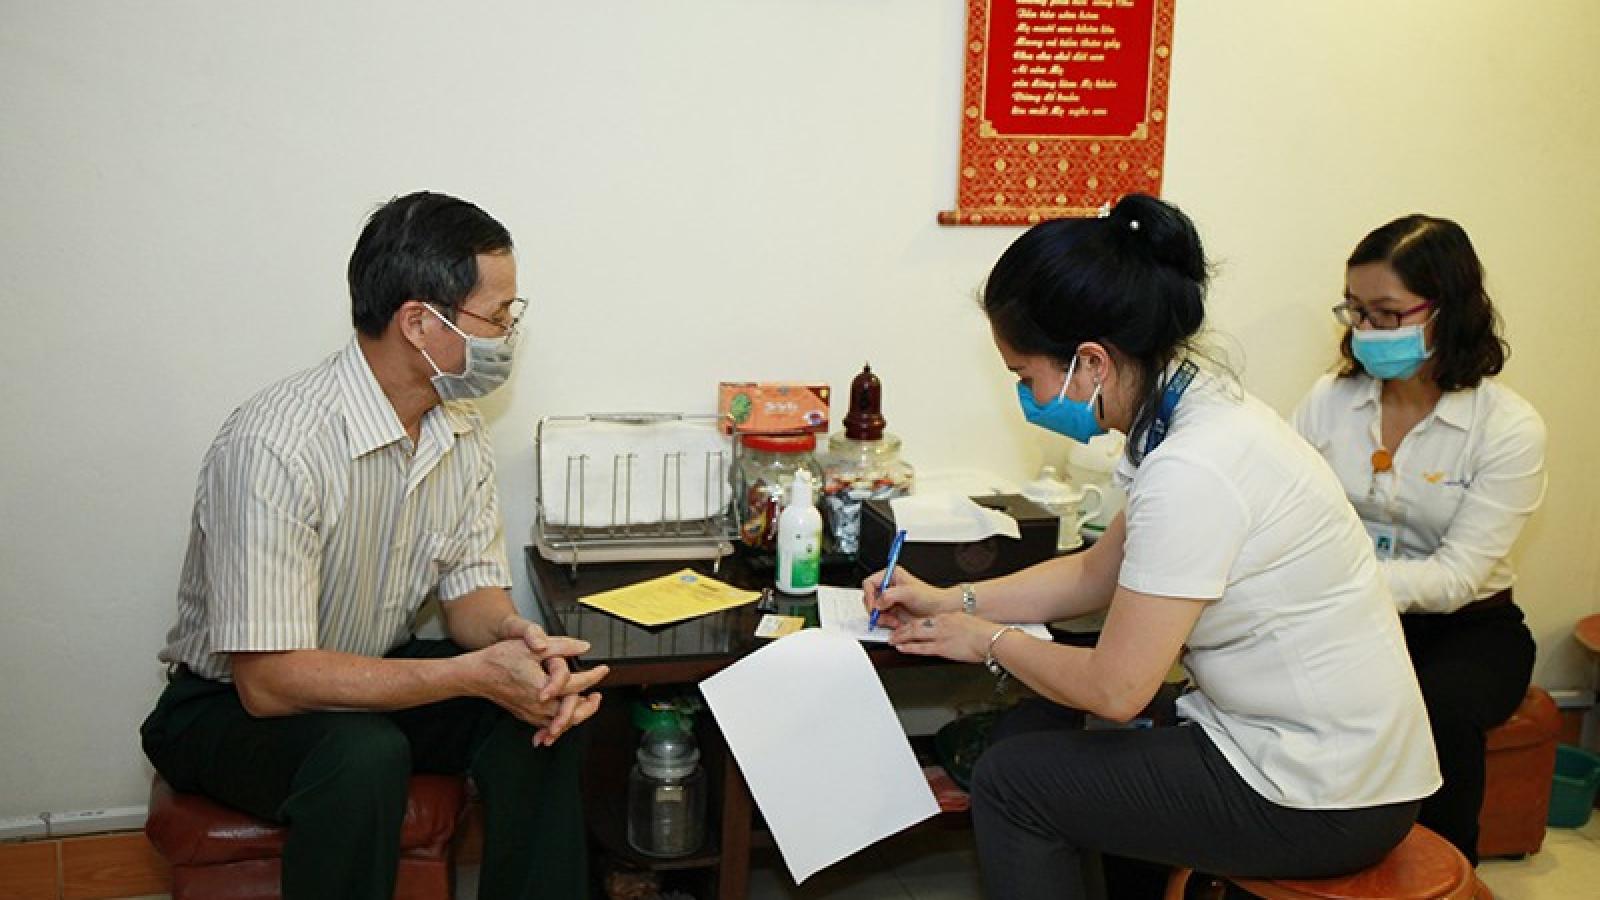 Trả lương hưu tại nhà - Linh hoạt, thuận tiện cho người nghỉ hưu